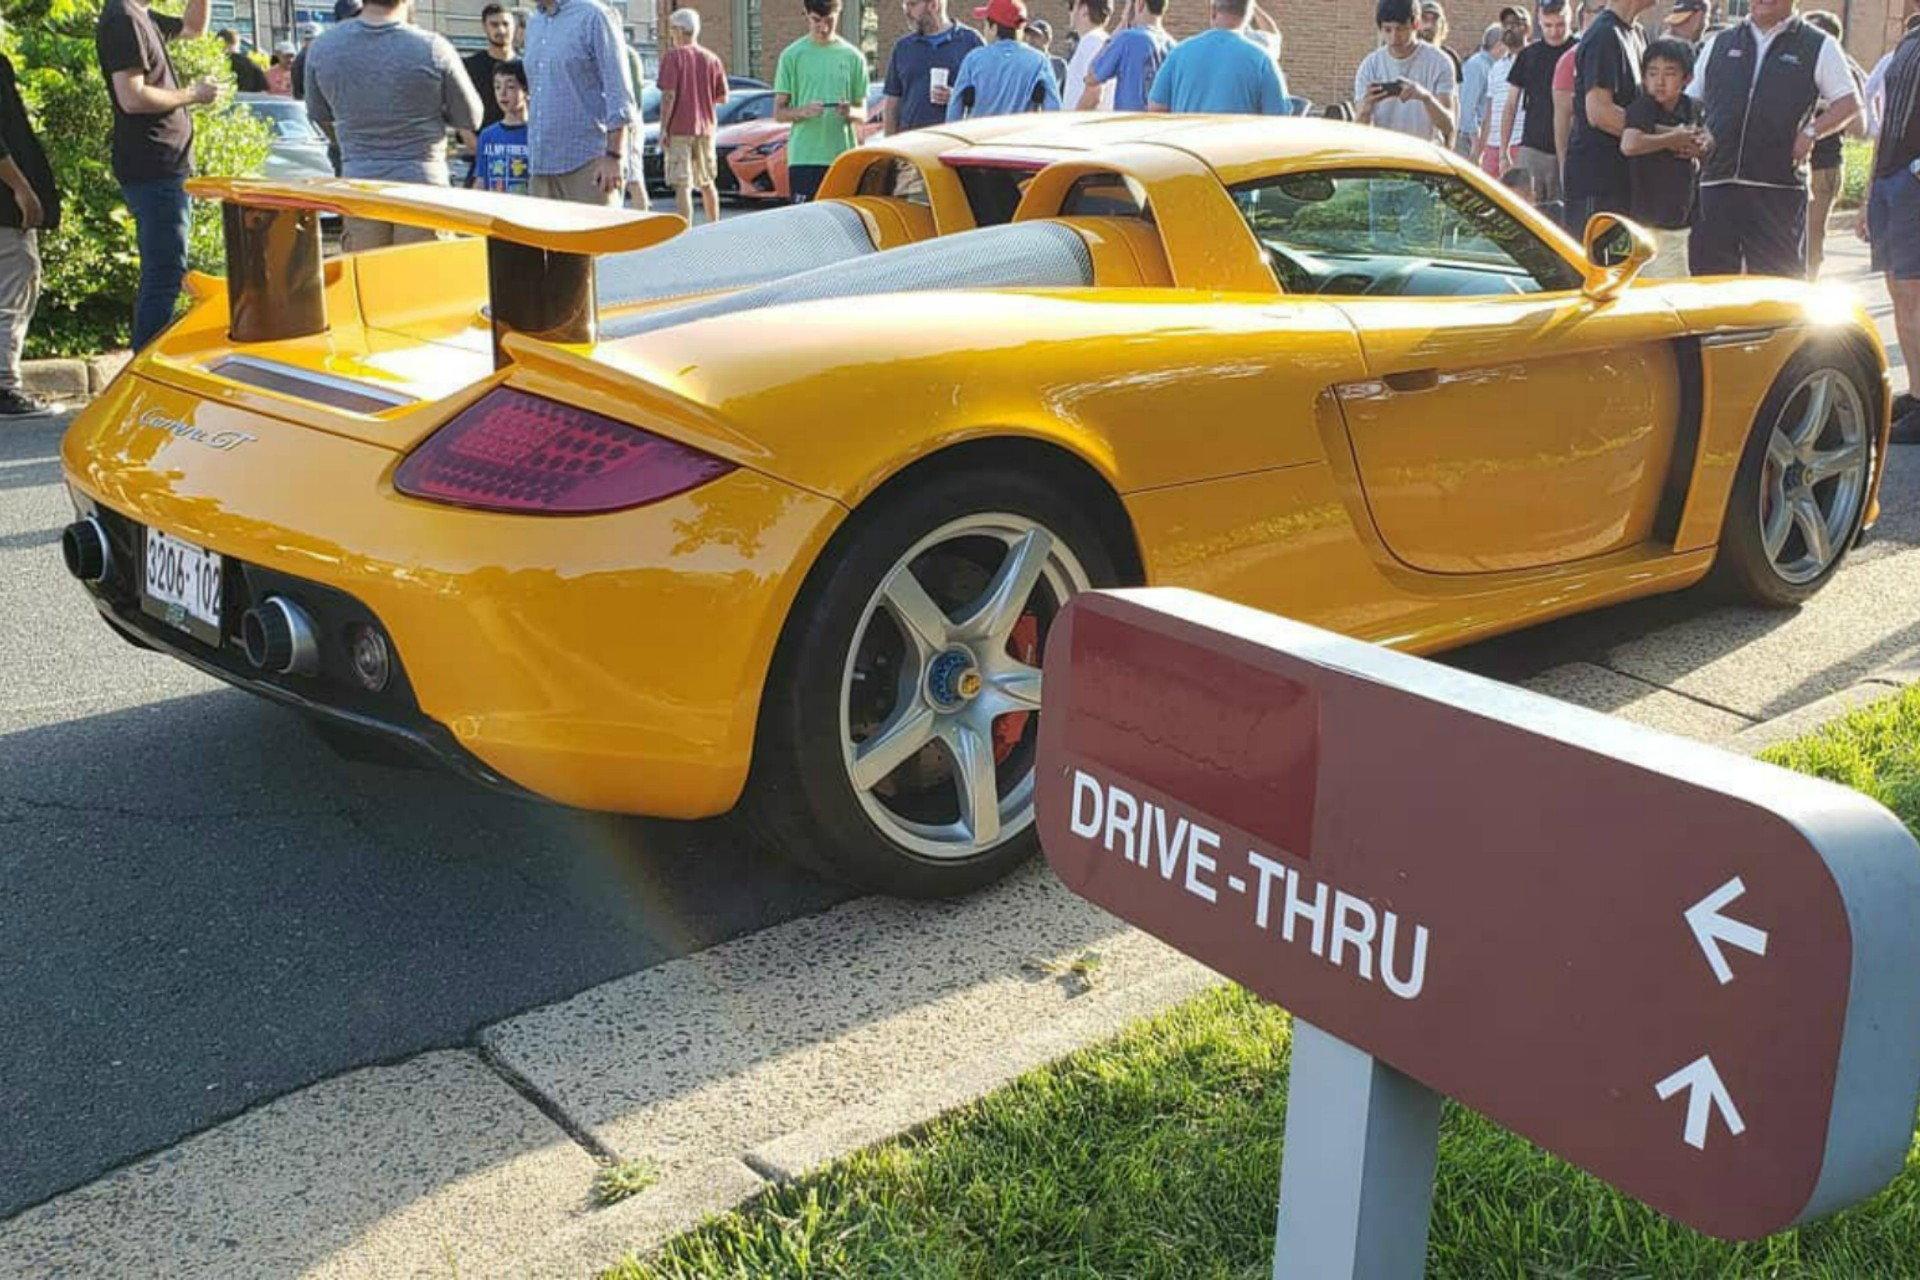 2010 997.2 TT by AWE - 6speedonline.com Forums   Porsche